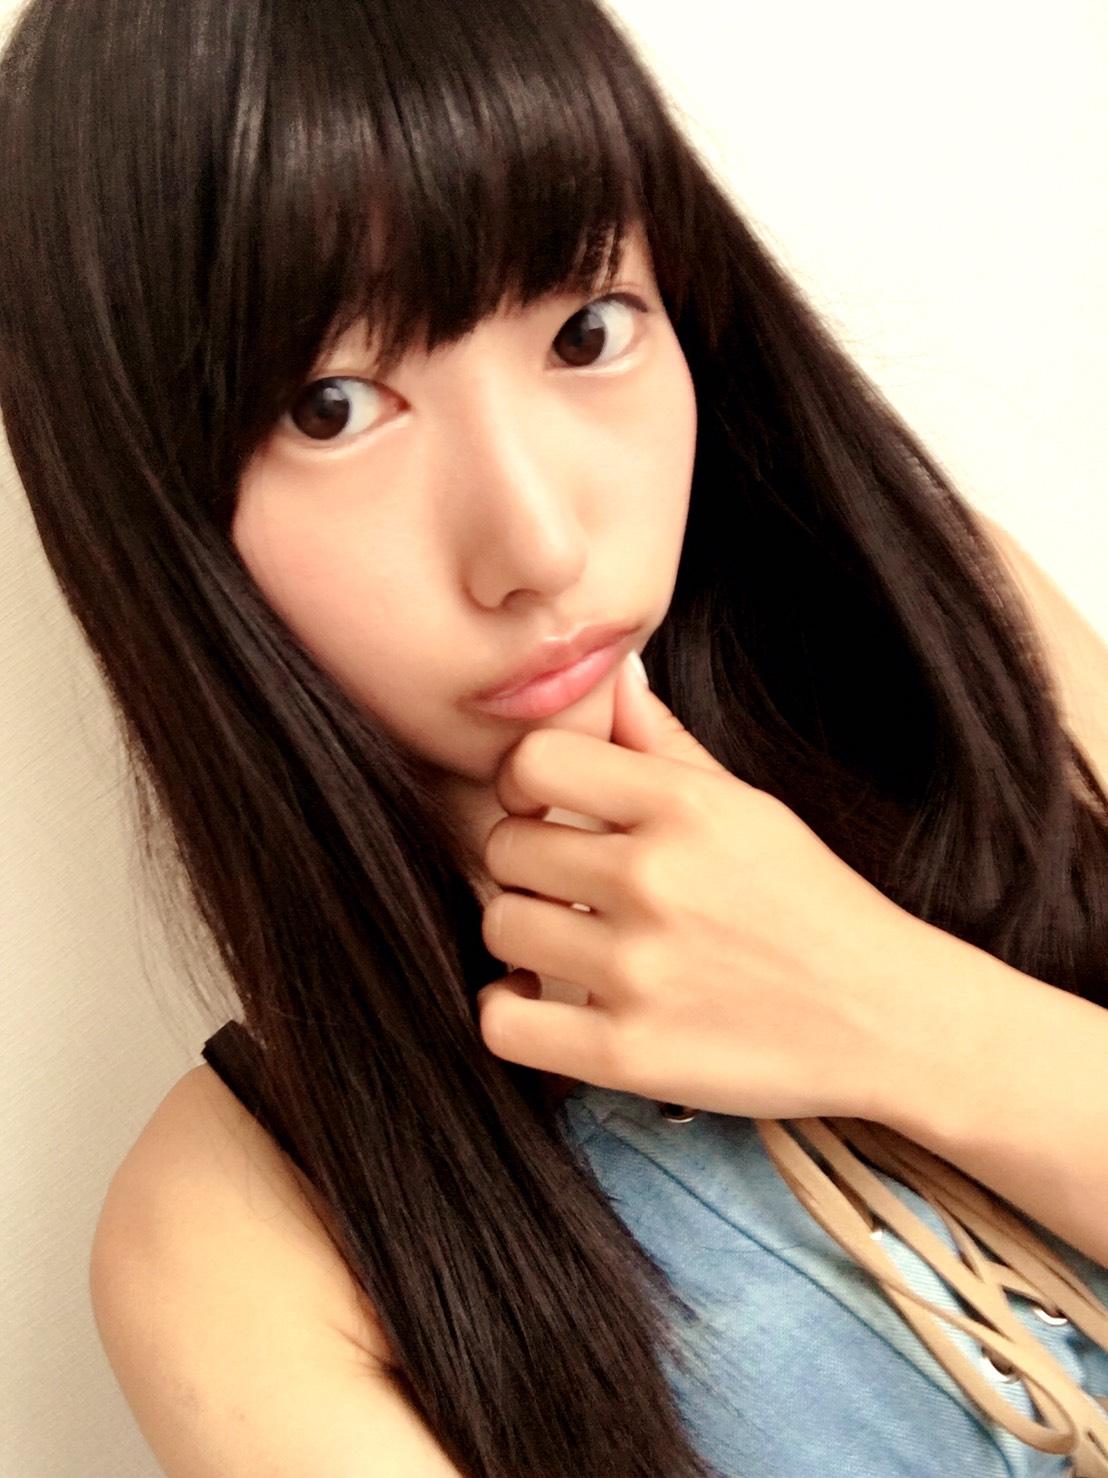 夏野香波主演映画『ZERO』8月5日(火)イベント上映会